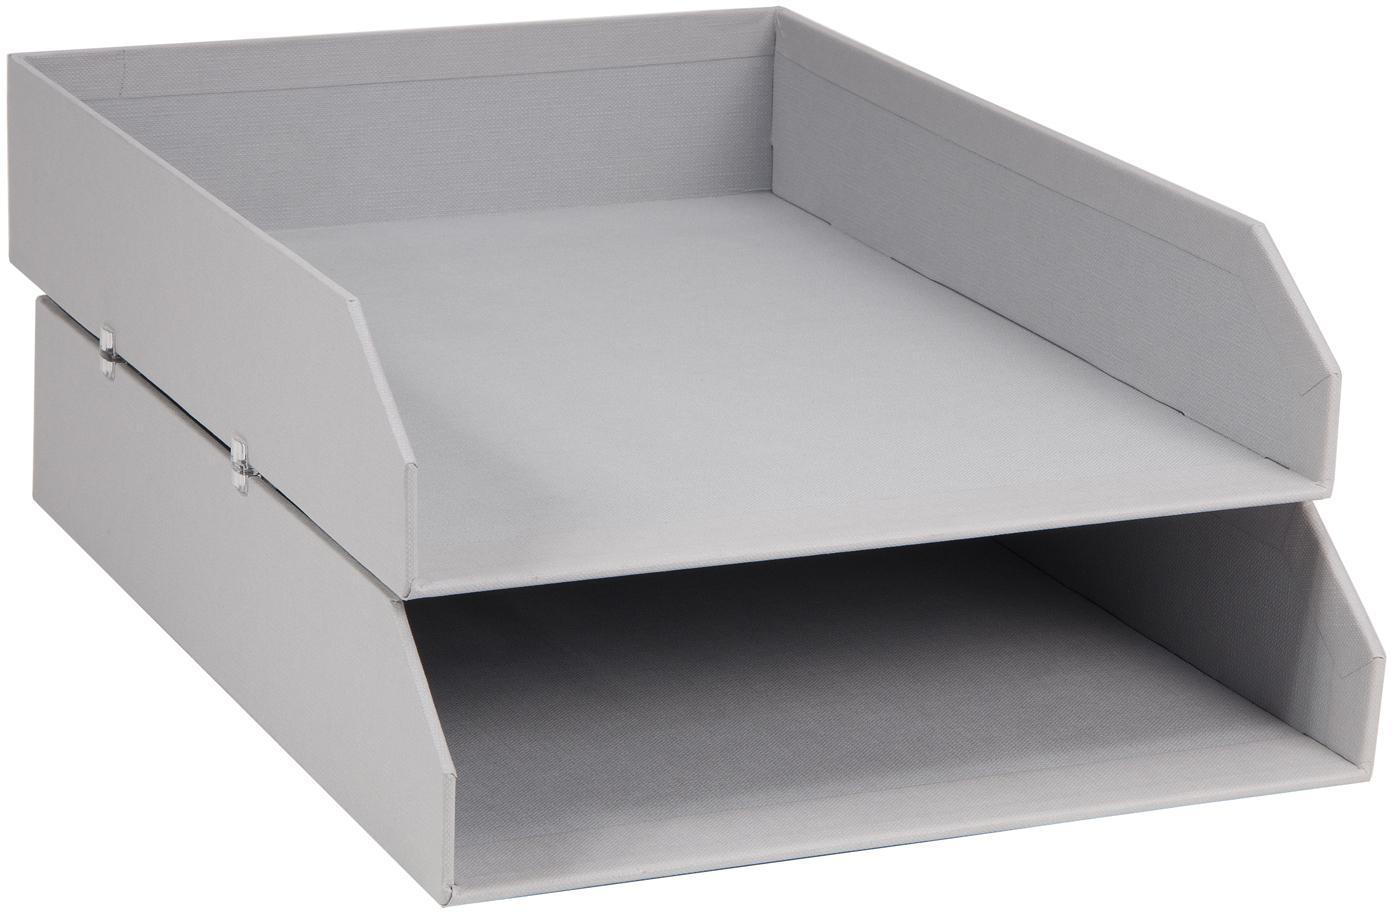 Organizadores de documentos Hakan, 2uds., Cartón laminado macizo, Gris claro, An 23 x F 31 cm